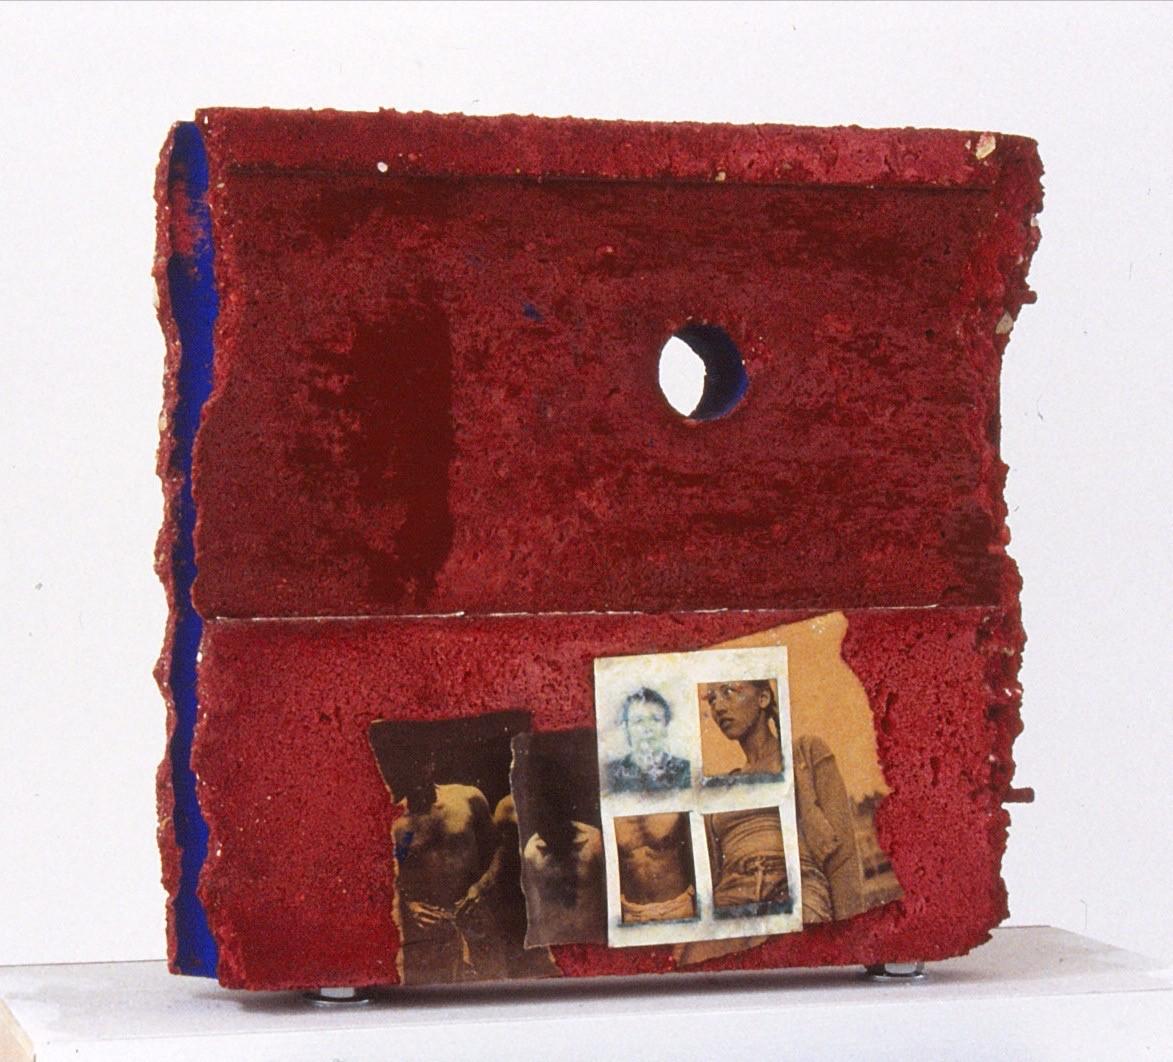 béton papier journal IDphotos huile de vidange pigments 1985 2000